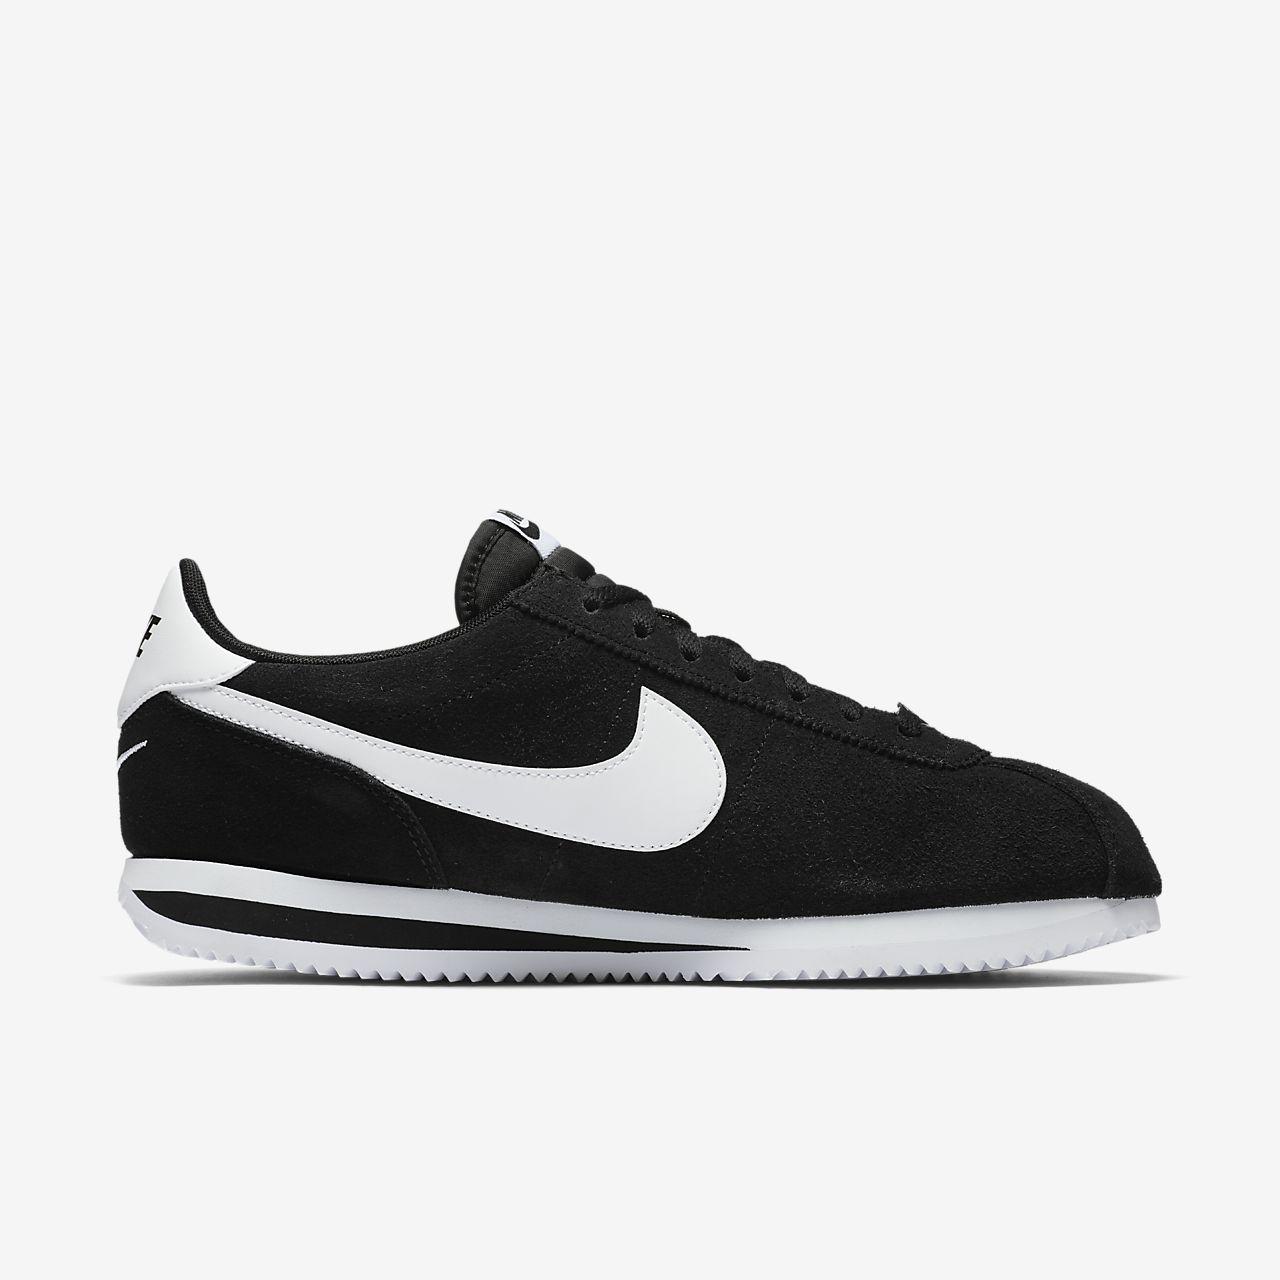 Nike Cortez De Base Se Chaussures Noires DFLWh